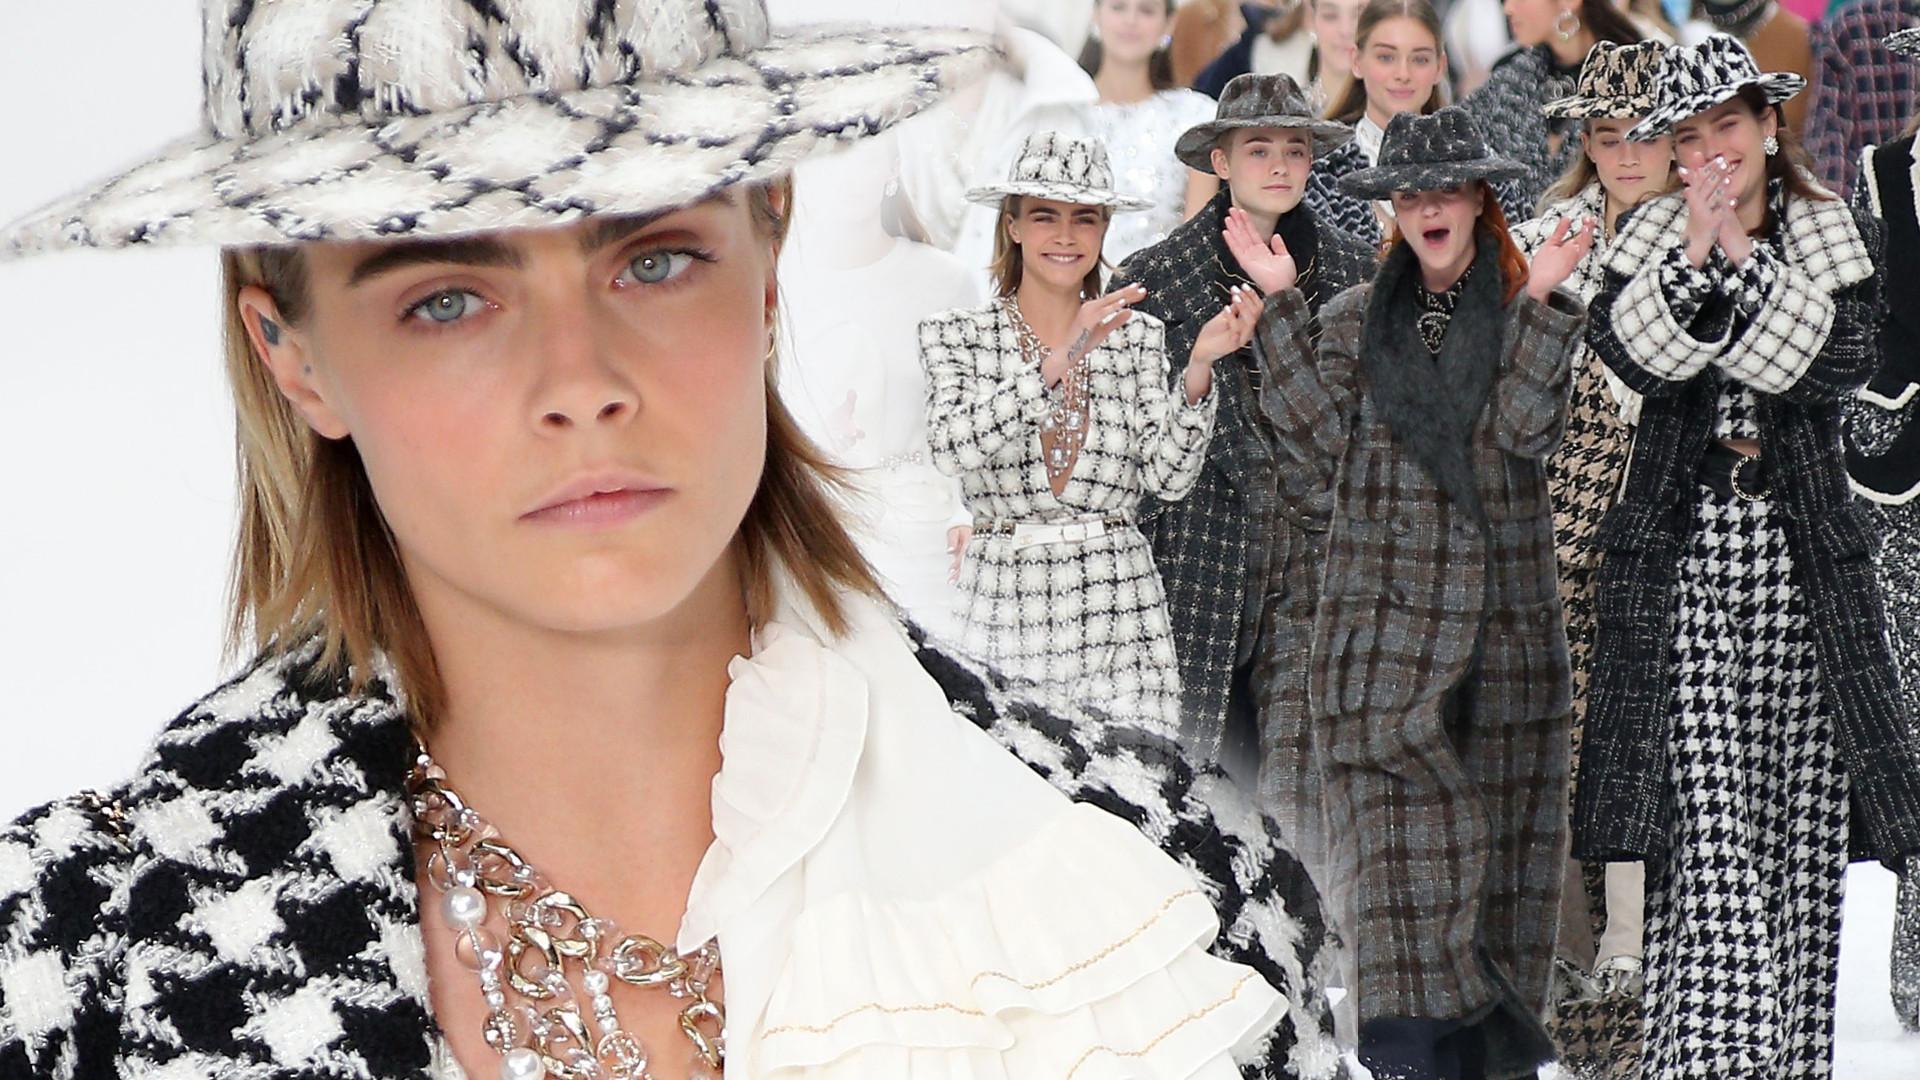 NIEZWYKŁY pokaz nowej kolekcji Chanel (GALERIA)